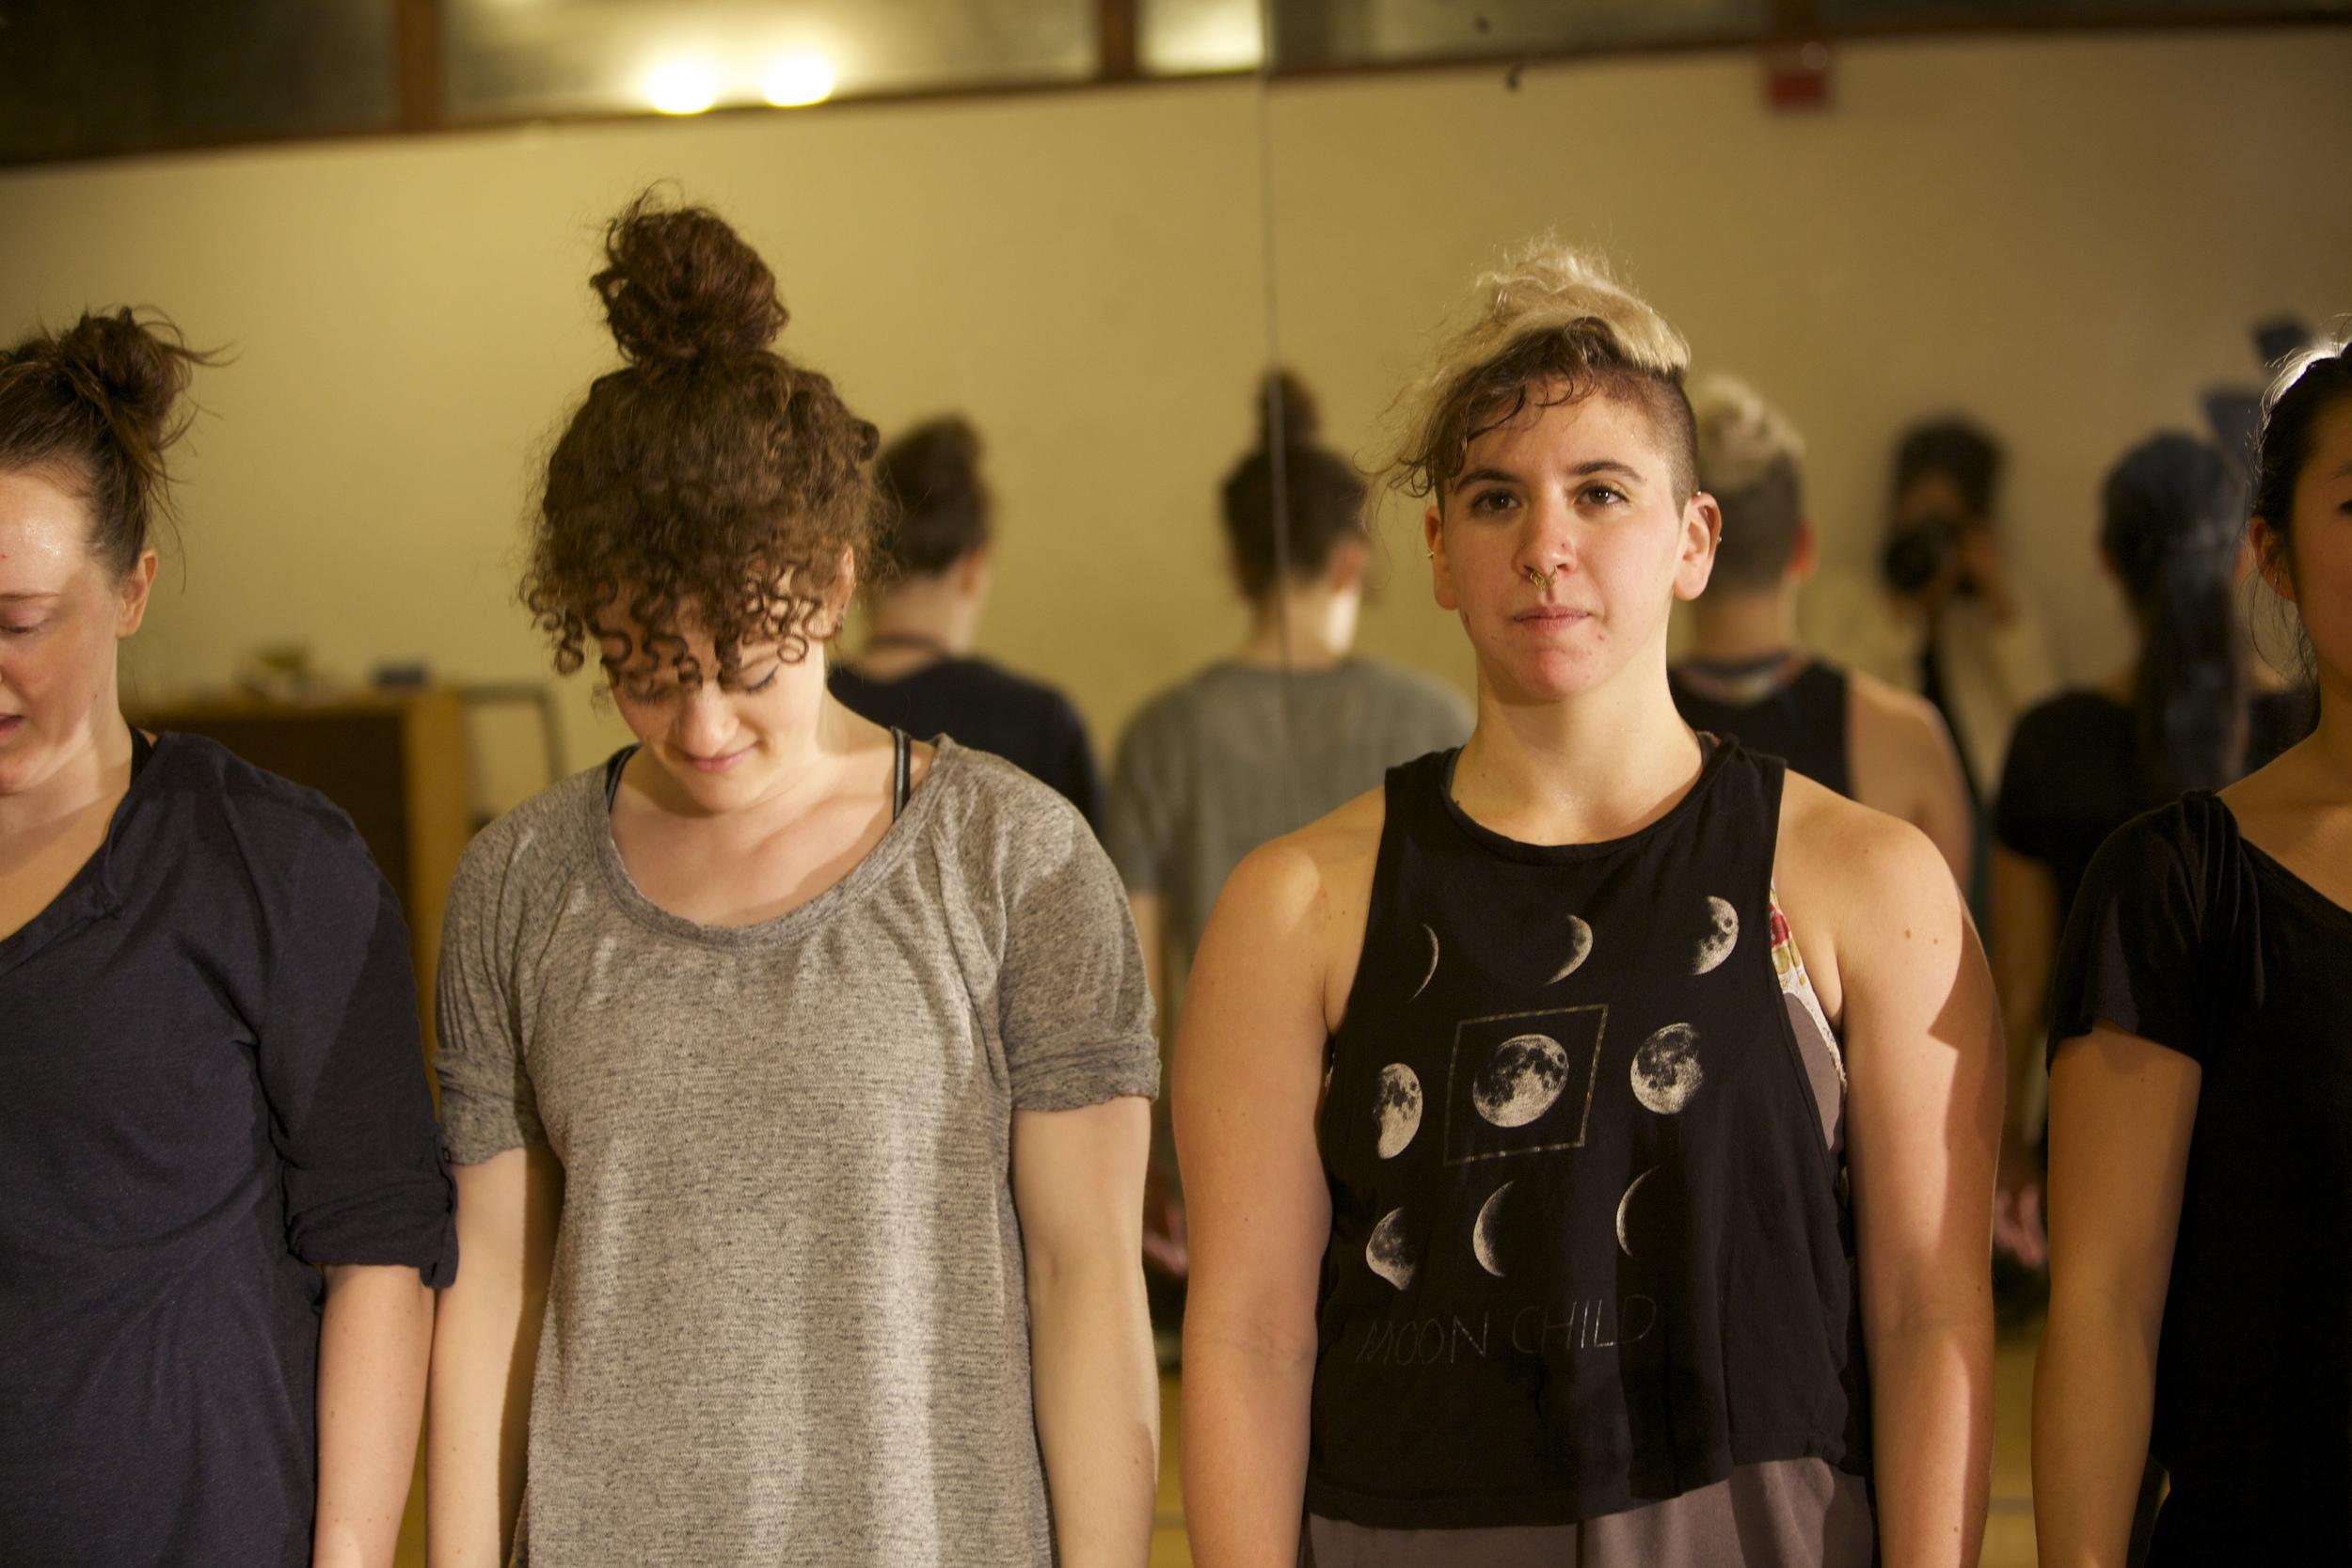 Tyke Dance  Artist Spotlight and Dance Film  Teaser